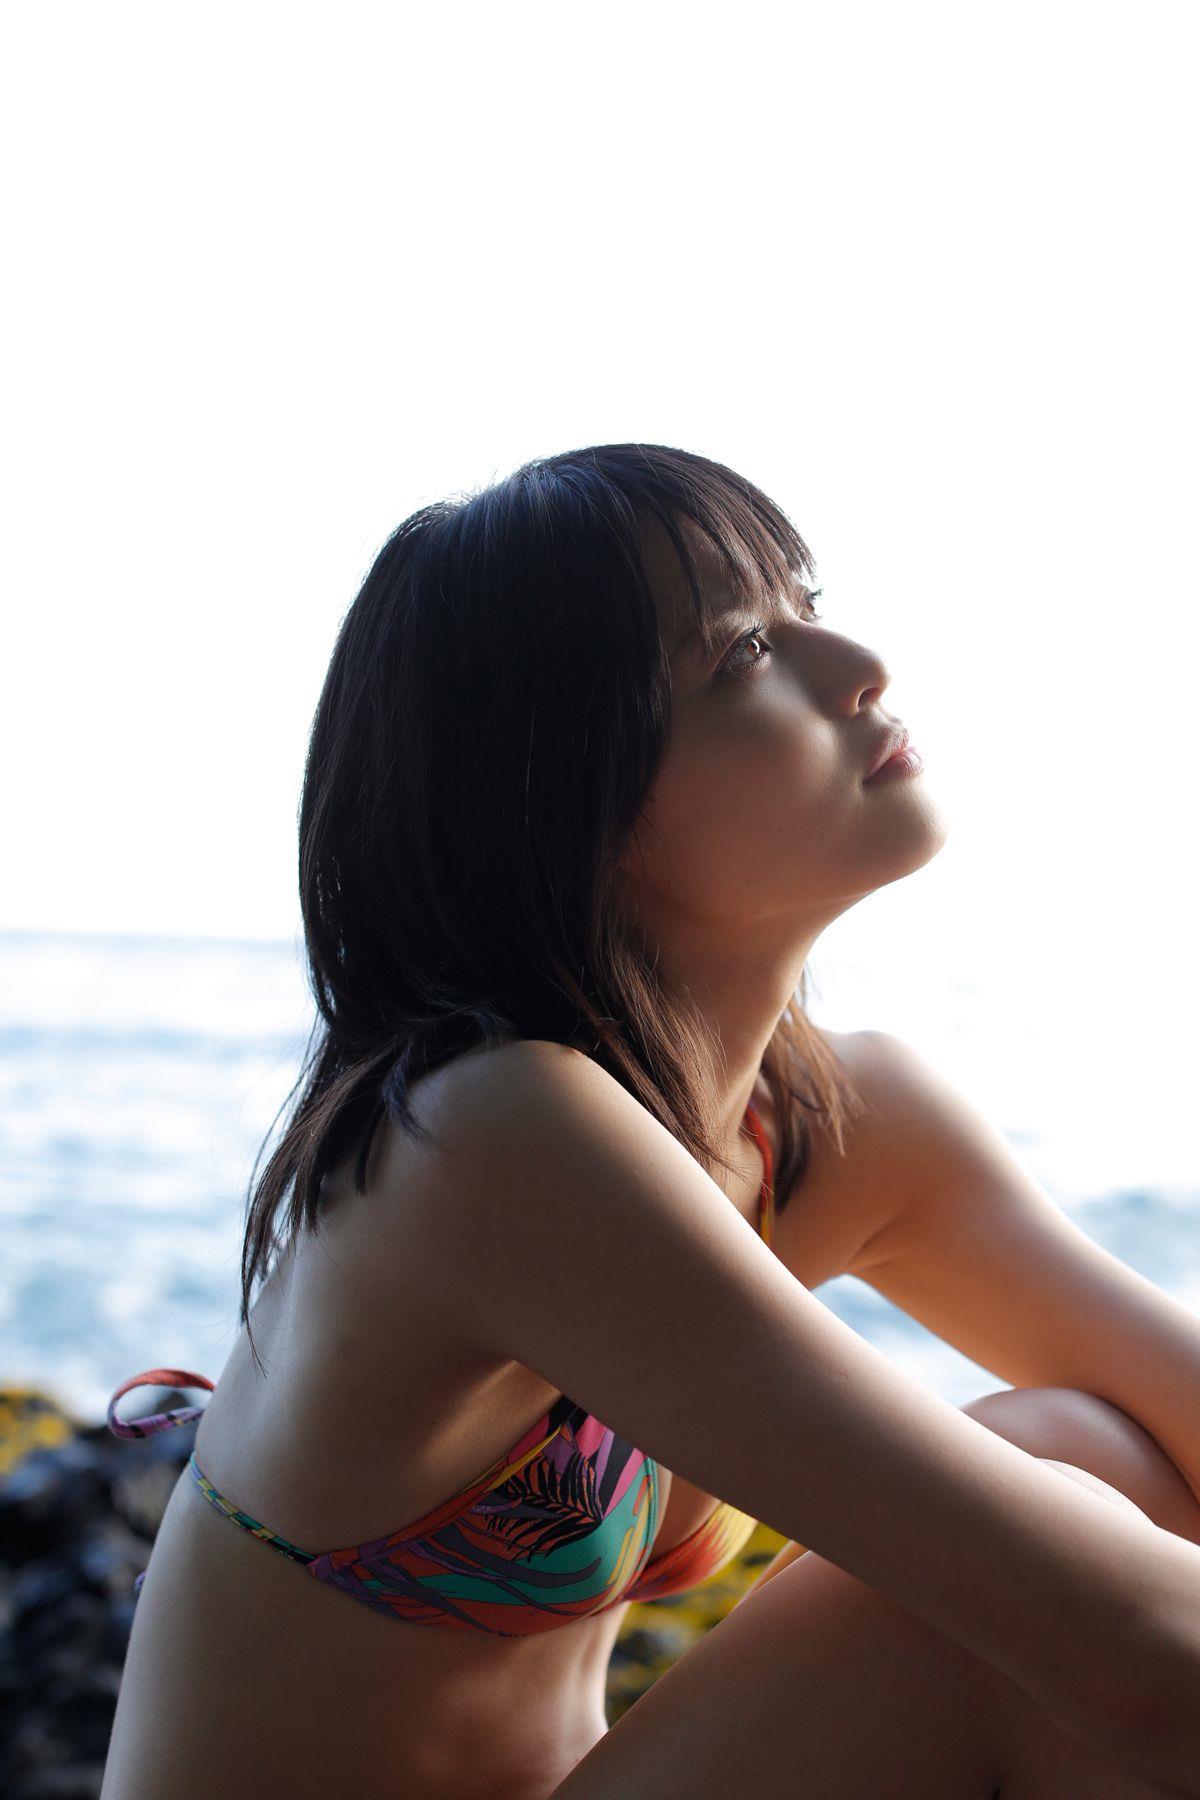 矢島舞美 画像 201